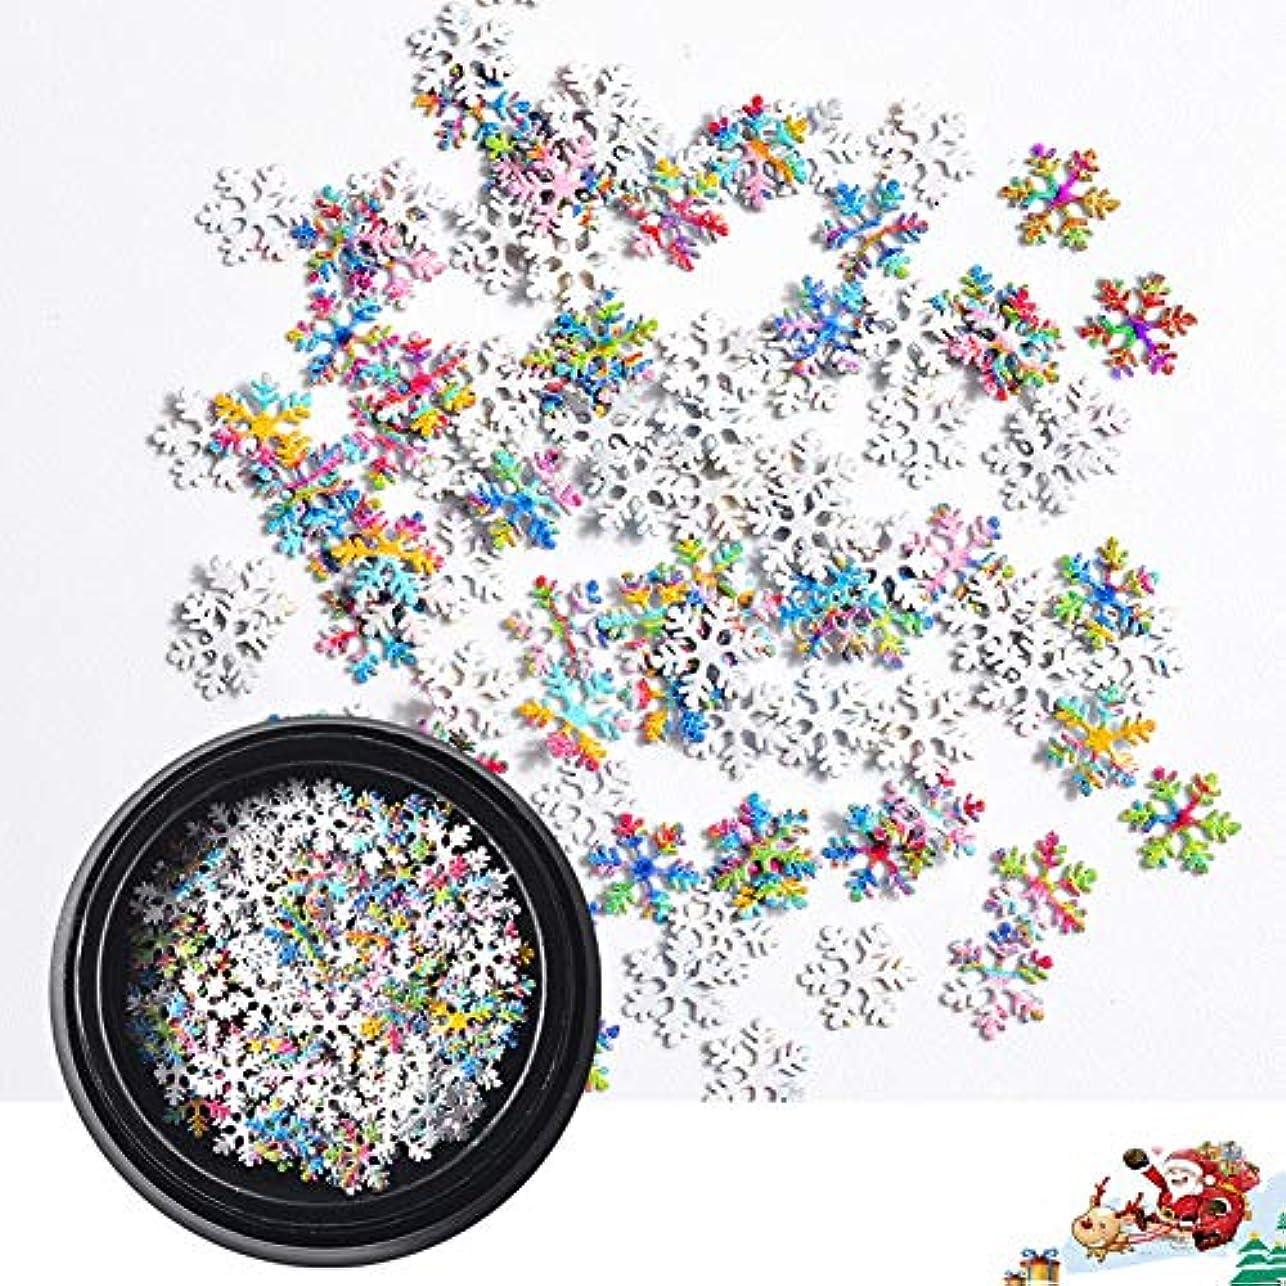 不快な本部第五Murakush ネイルシール 15g ネイルアート アクセサリー カラフル スノーフレーク 極薄 スパンコール クリスマスス ノーフレークシリーズ DIY デカール